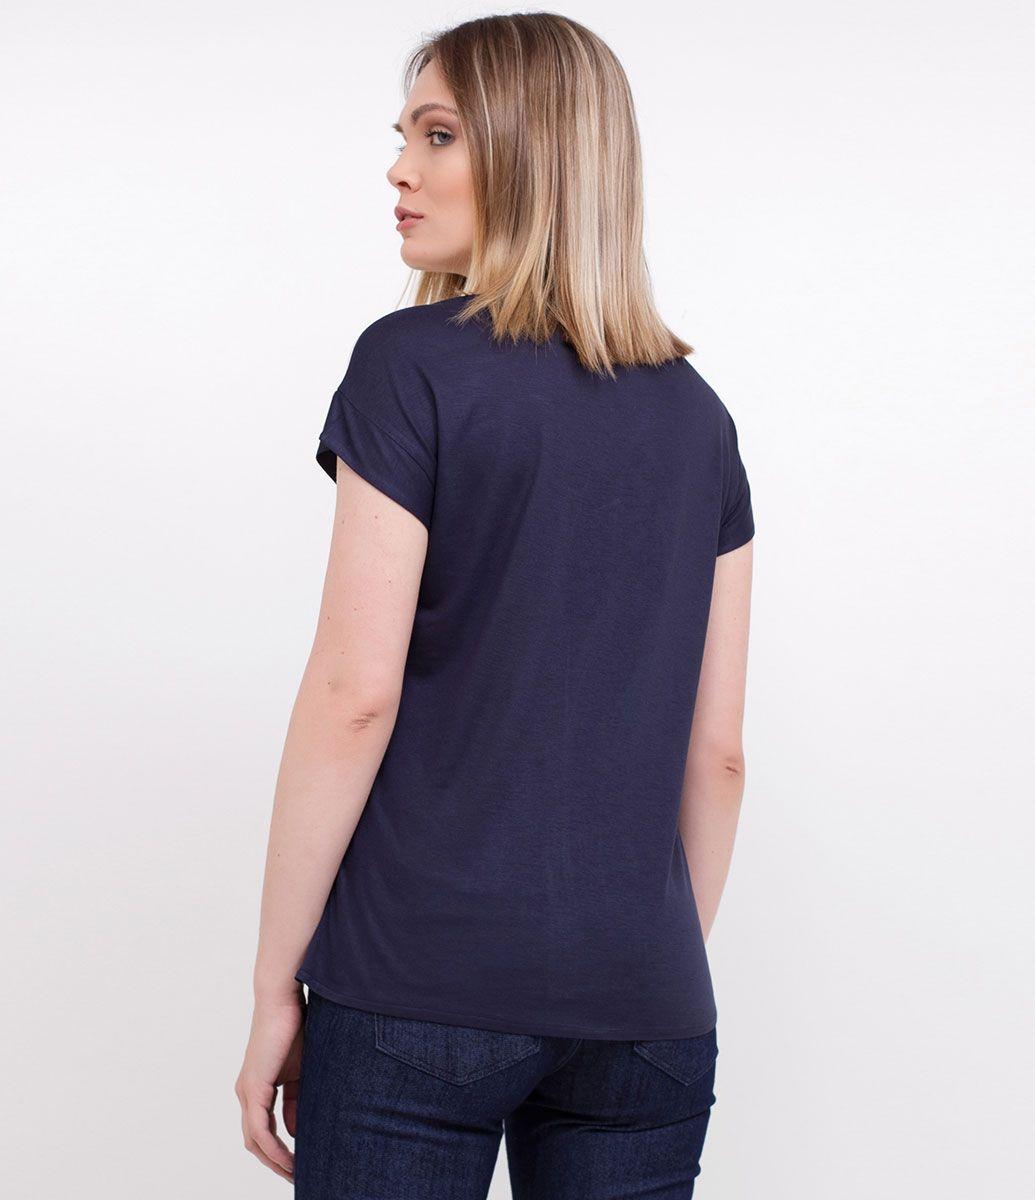 05bb55d18e6c Blusa feminina Com recortes Marca: Cortelle Tecido: viscose Modelo veste  tamanho: P Medidas